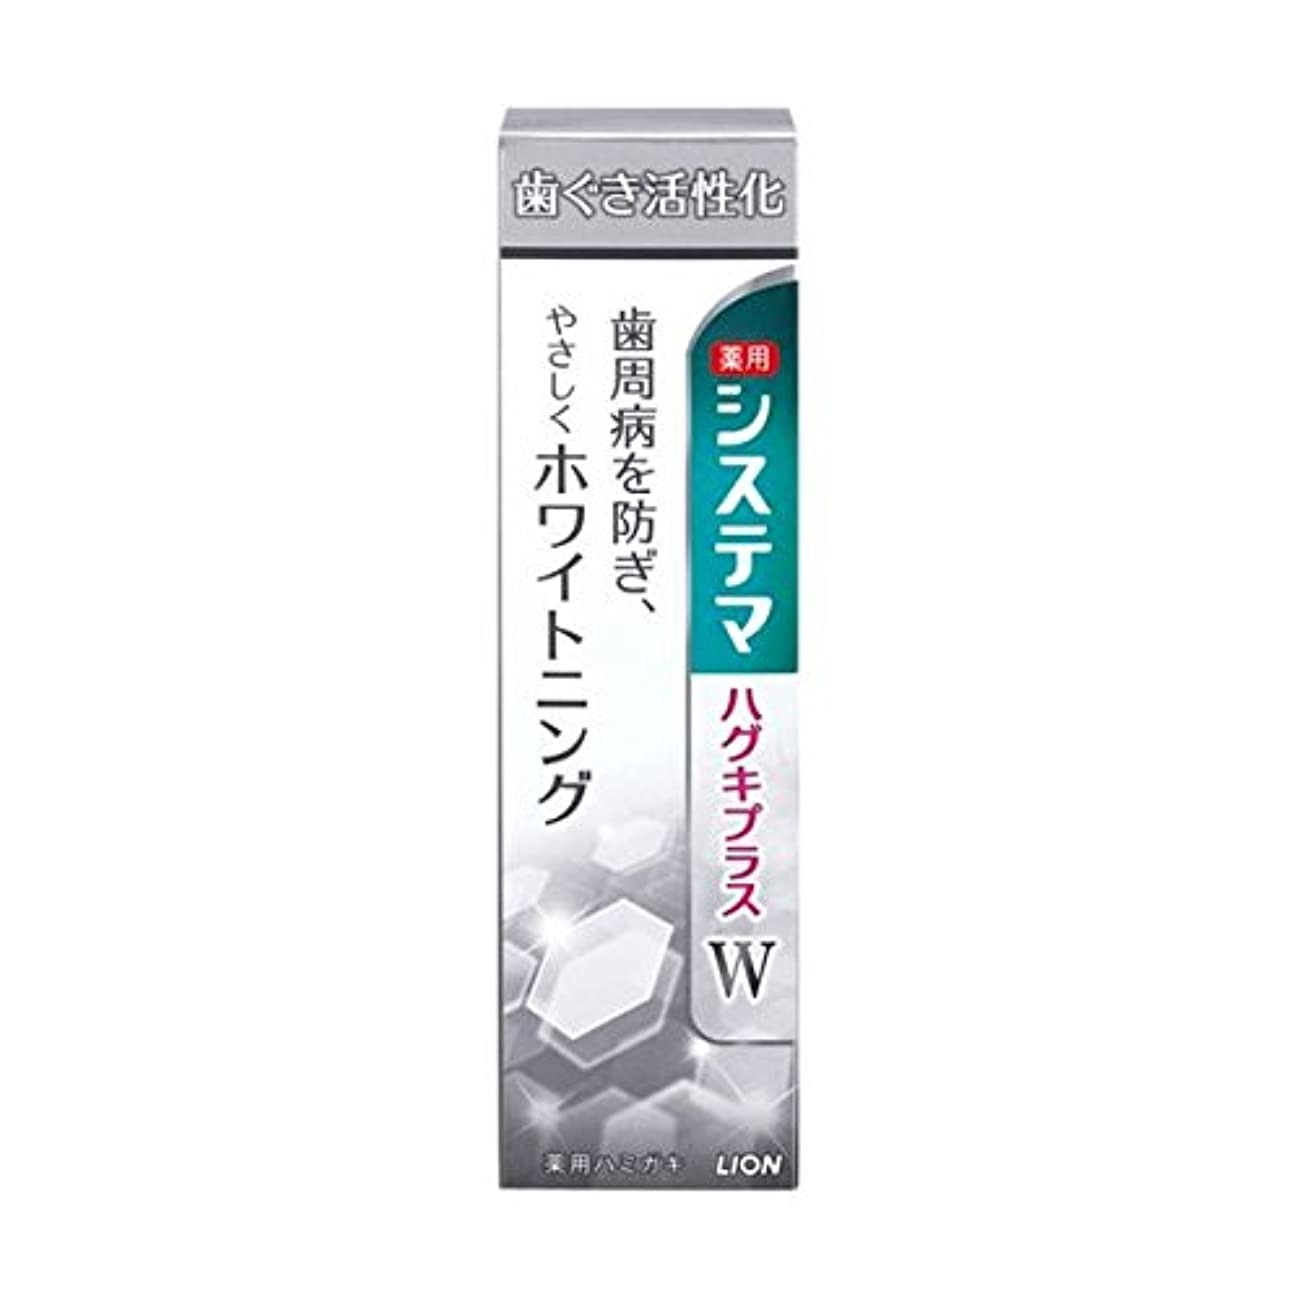 合法求人製作システマ ハグキプラスW ハミガキ 95g (医薬部外品) ×3個セット